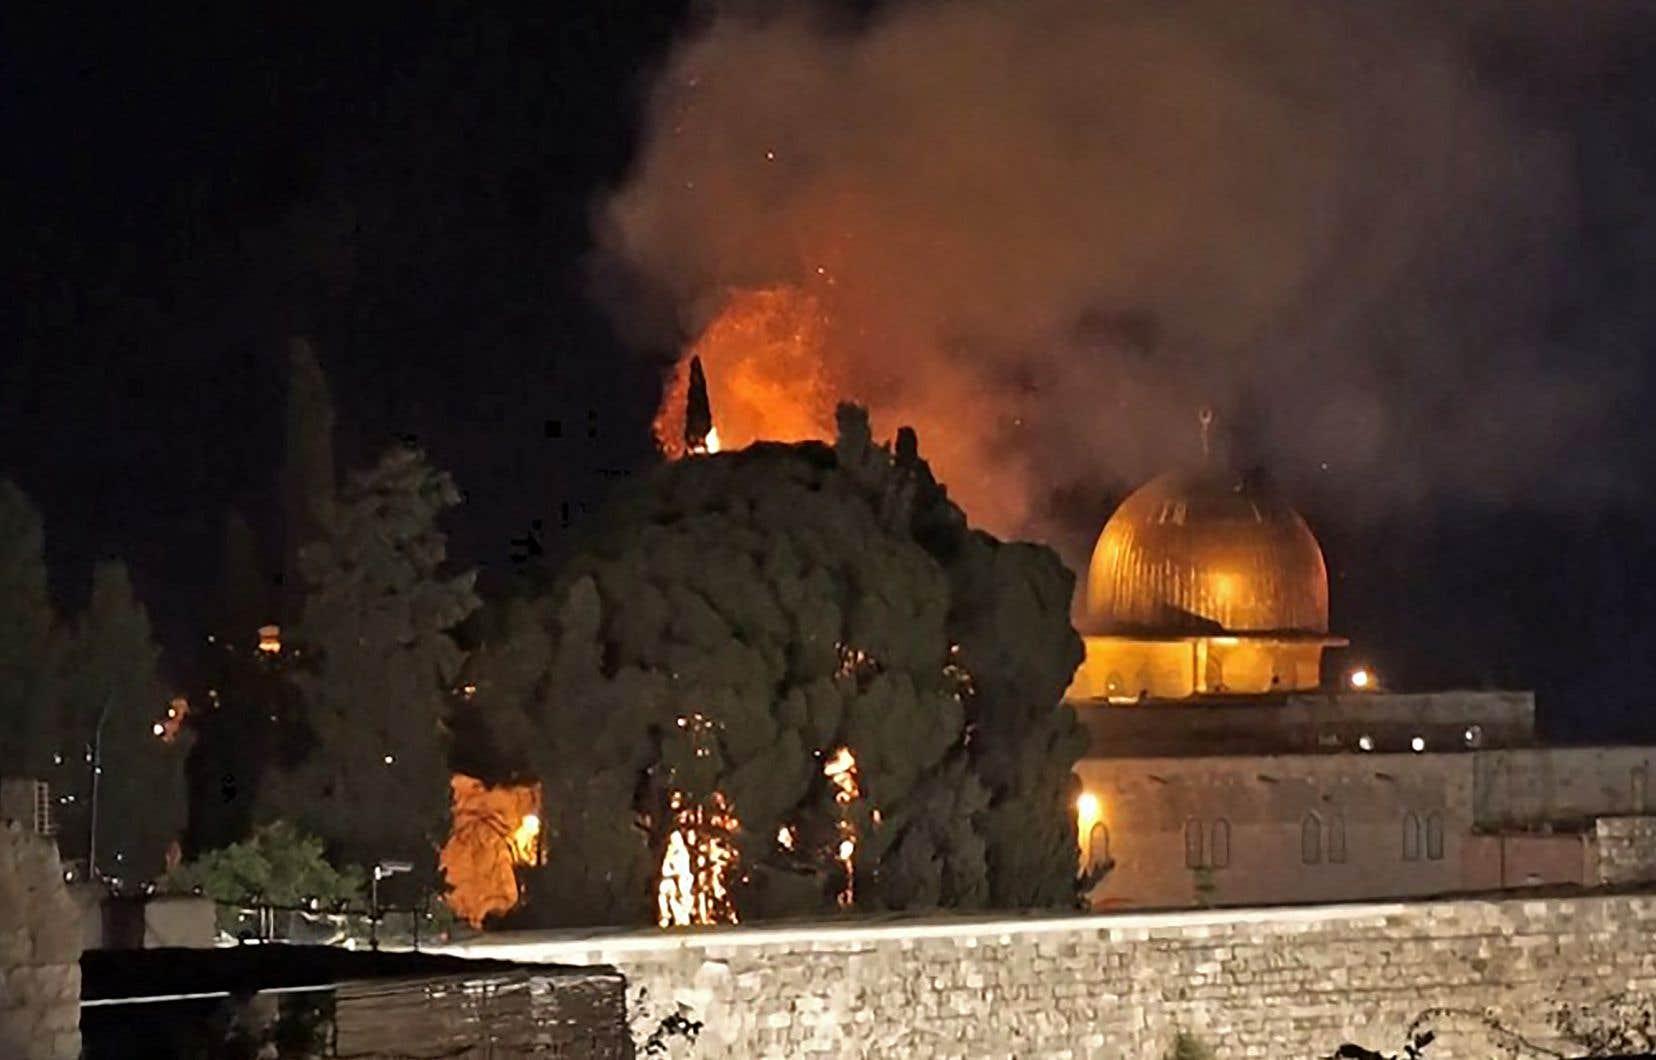 La capture d'écran de l'AFPTV montre l'incendie, visible à plus de deux kilomètres à la ronde, qui s'est déclaré en soirée près de l'esplanade des Mosquées.